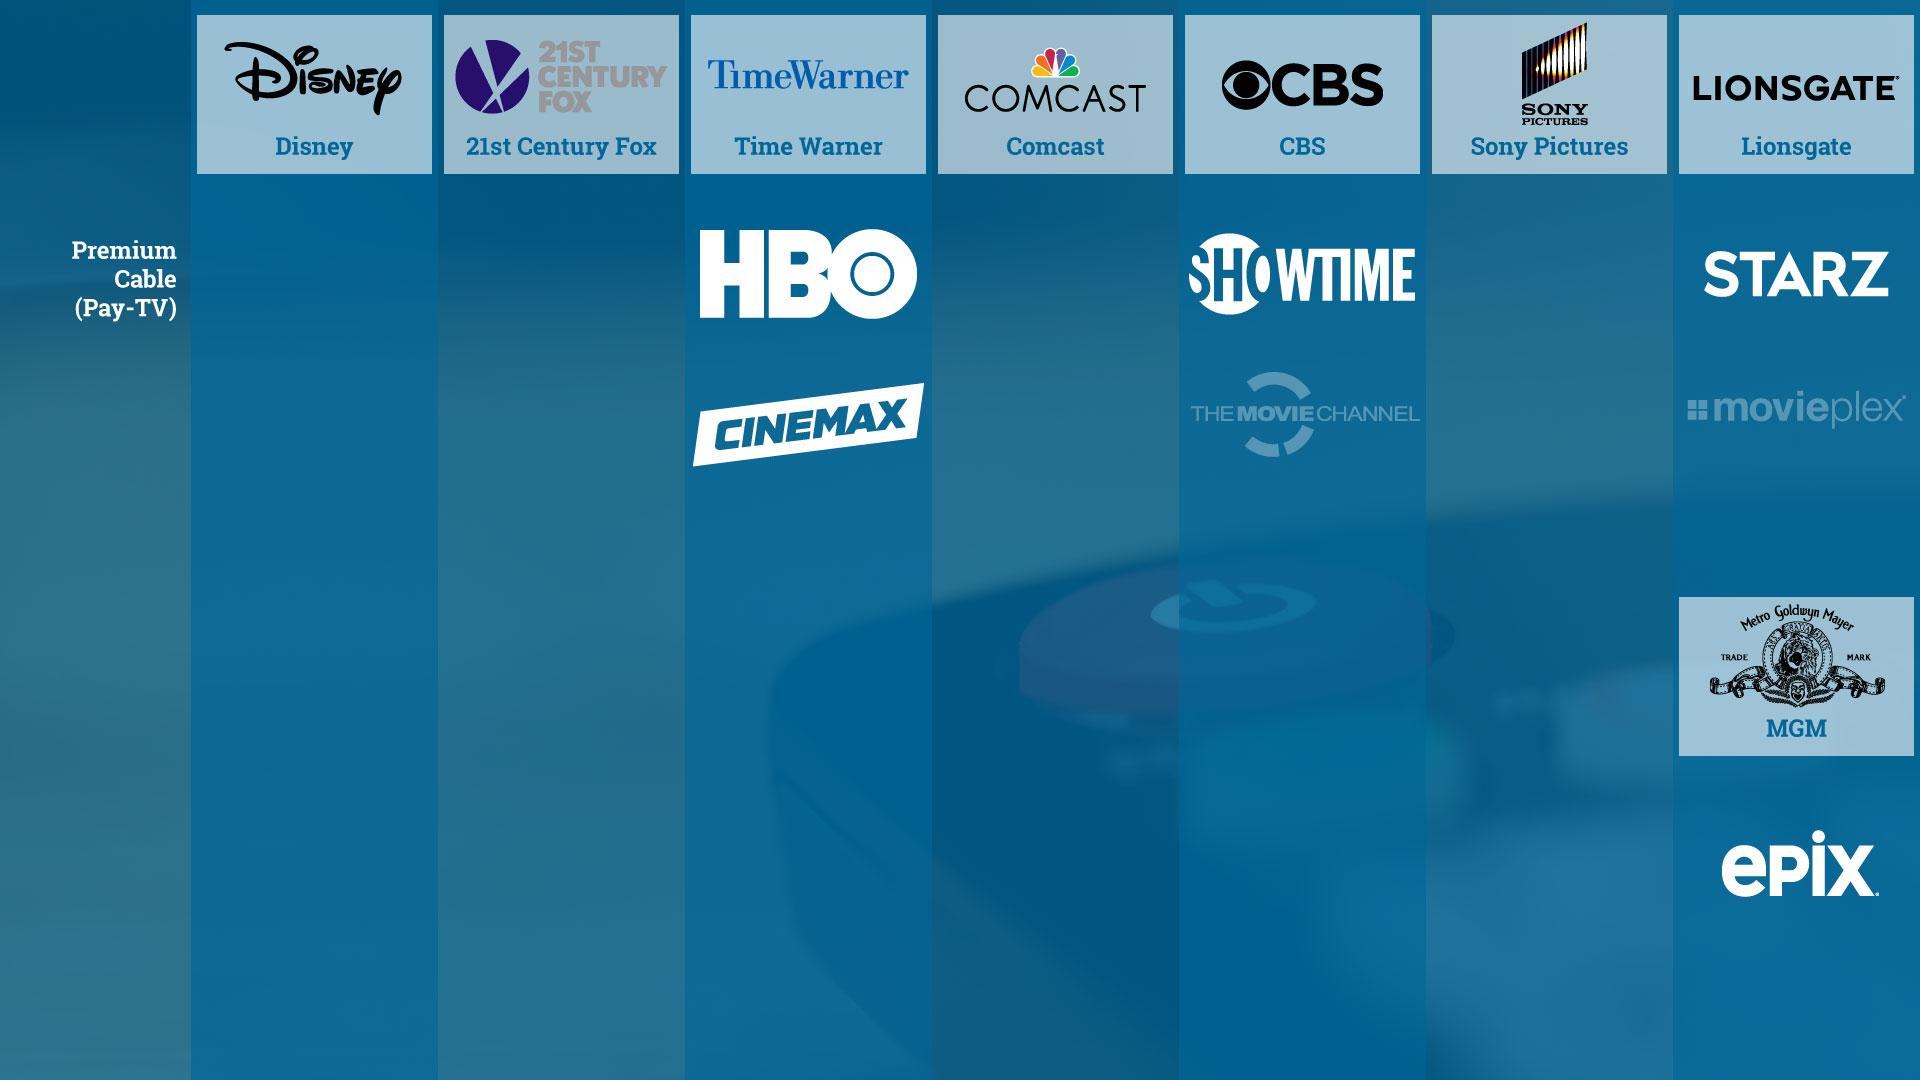 Premium-Kabelsender in den USA (ohne Sport und Special Interests) und ihre Mutterfirmen, vereinfachte Darstellung